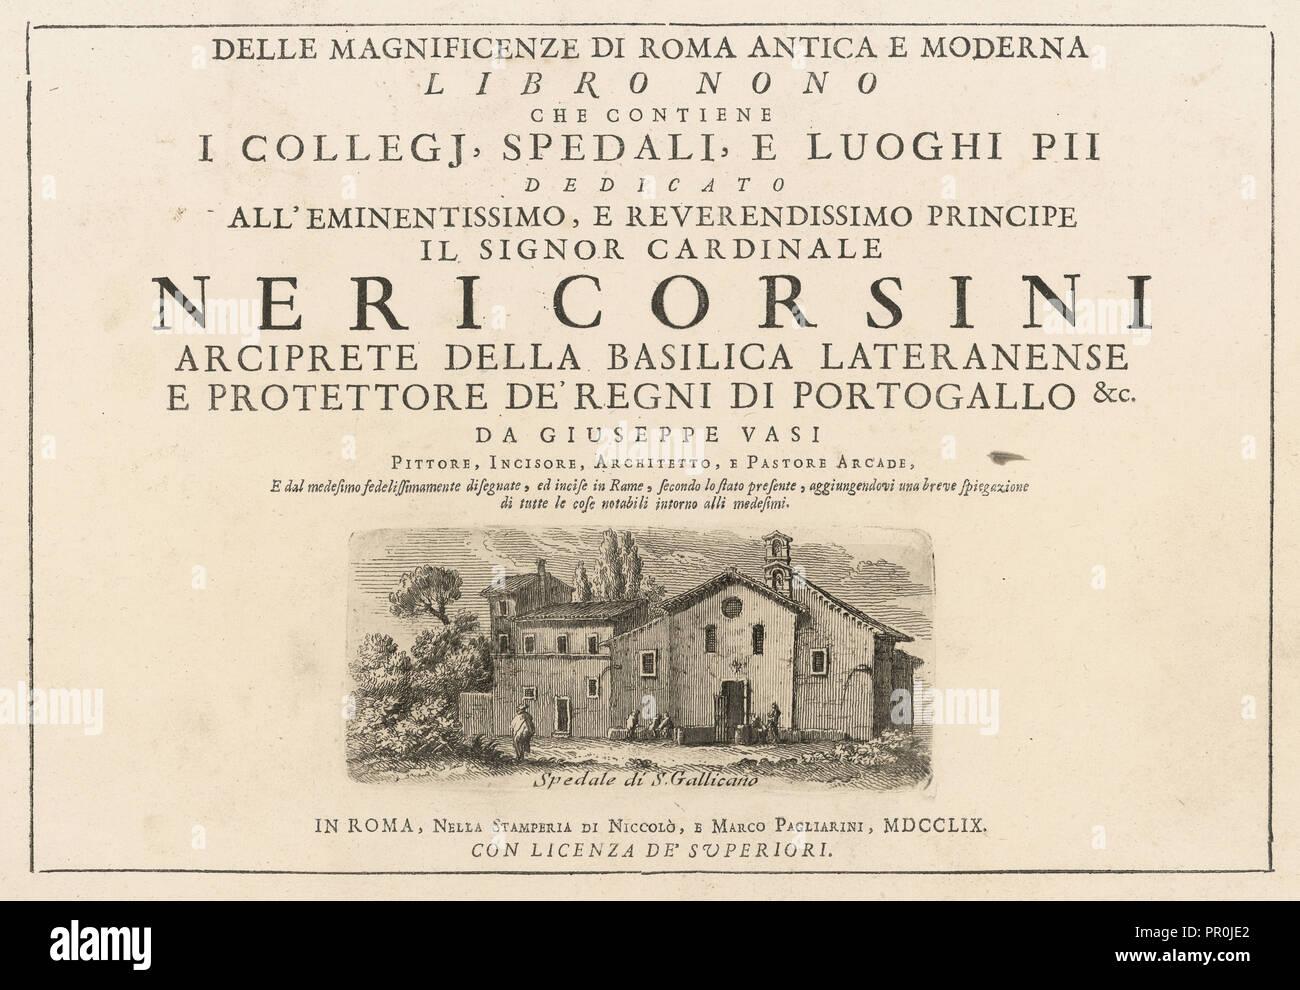 Frontespizio, volume delle magnificenze di Roma antica e moderna, Vasi, Giuseppe, 1710-1782, incisione, tra 1747 e 1761 Immagini Stock